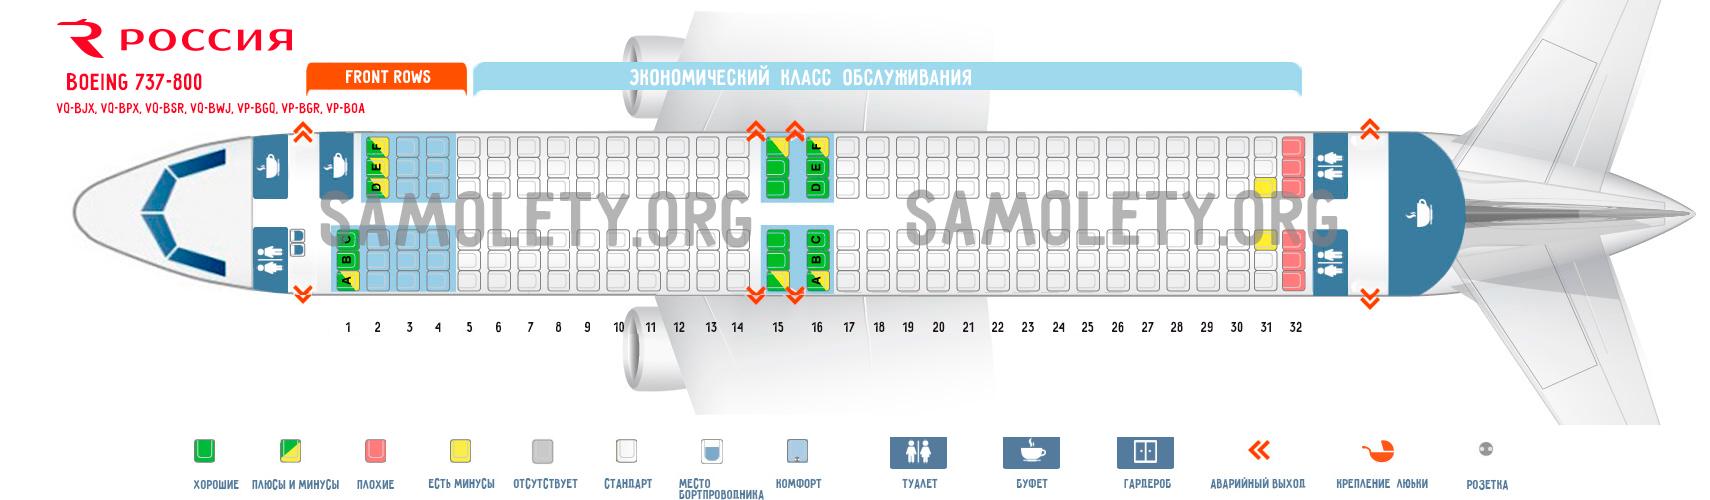 Боинг 737-800 - схема салона, лучшие места для полёта от Аэрофлота рекомендации